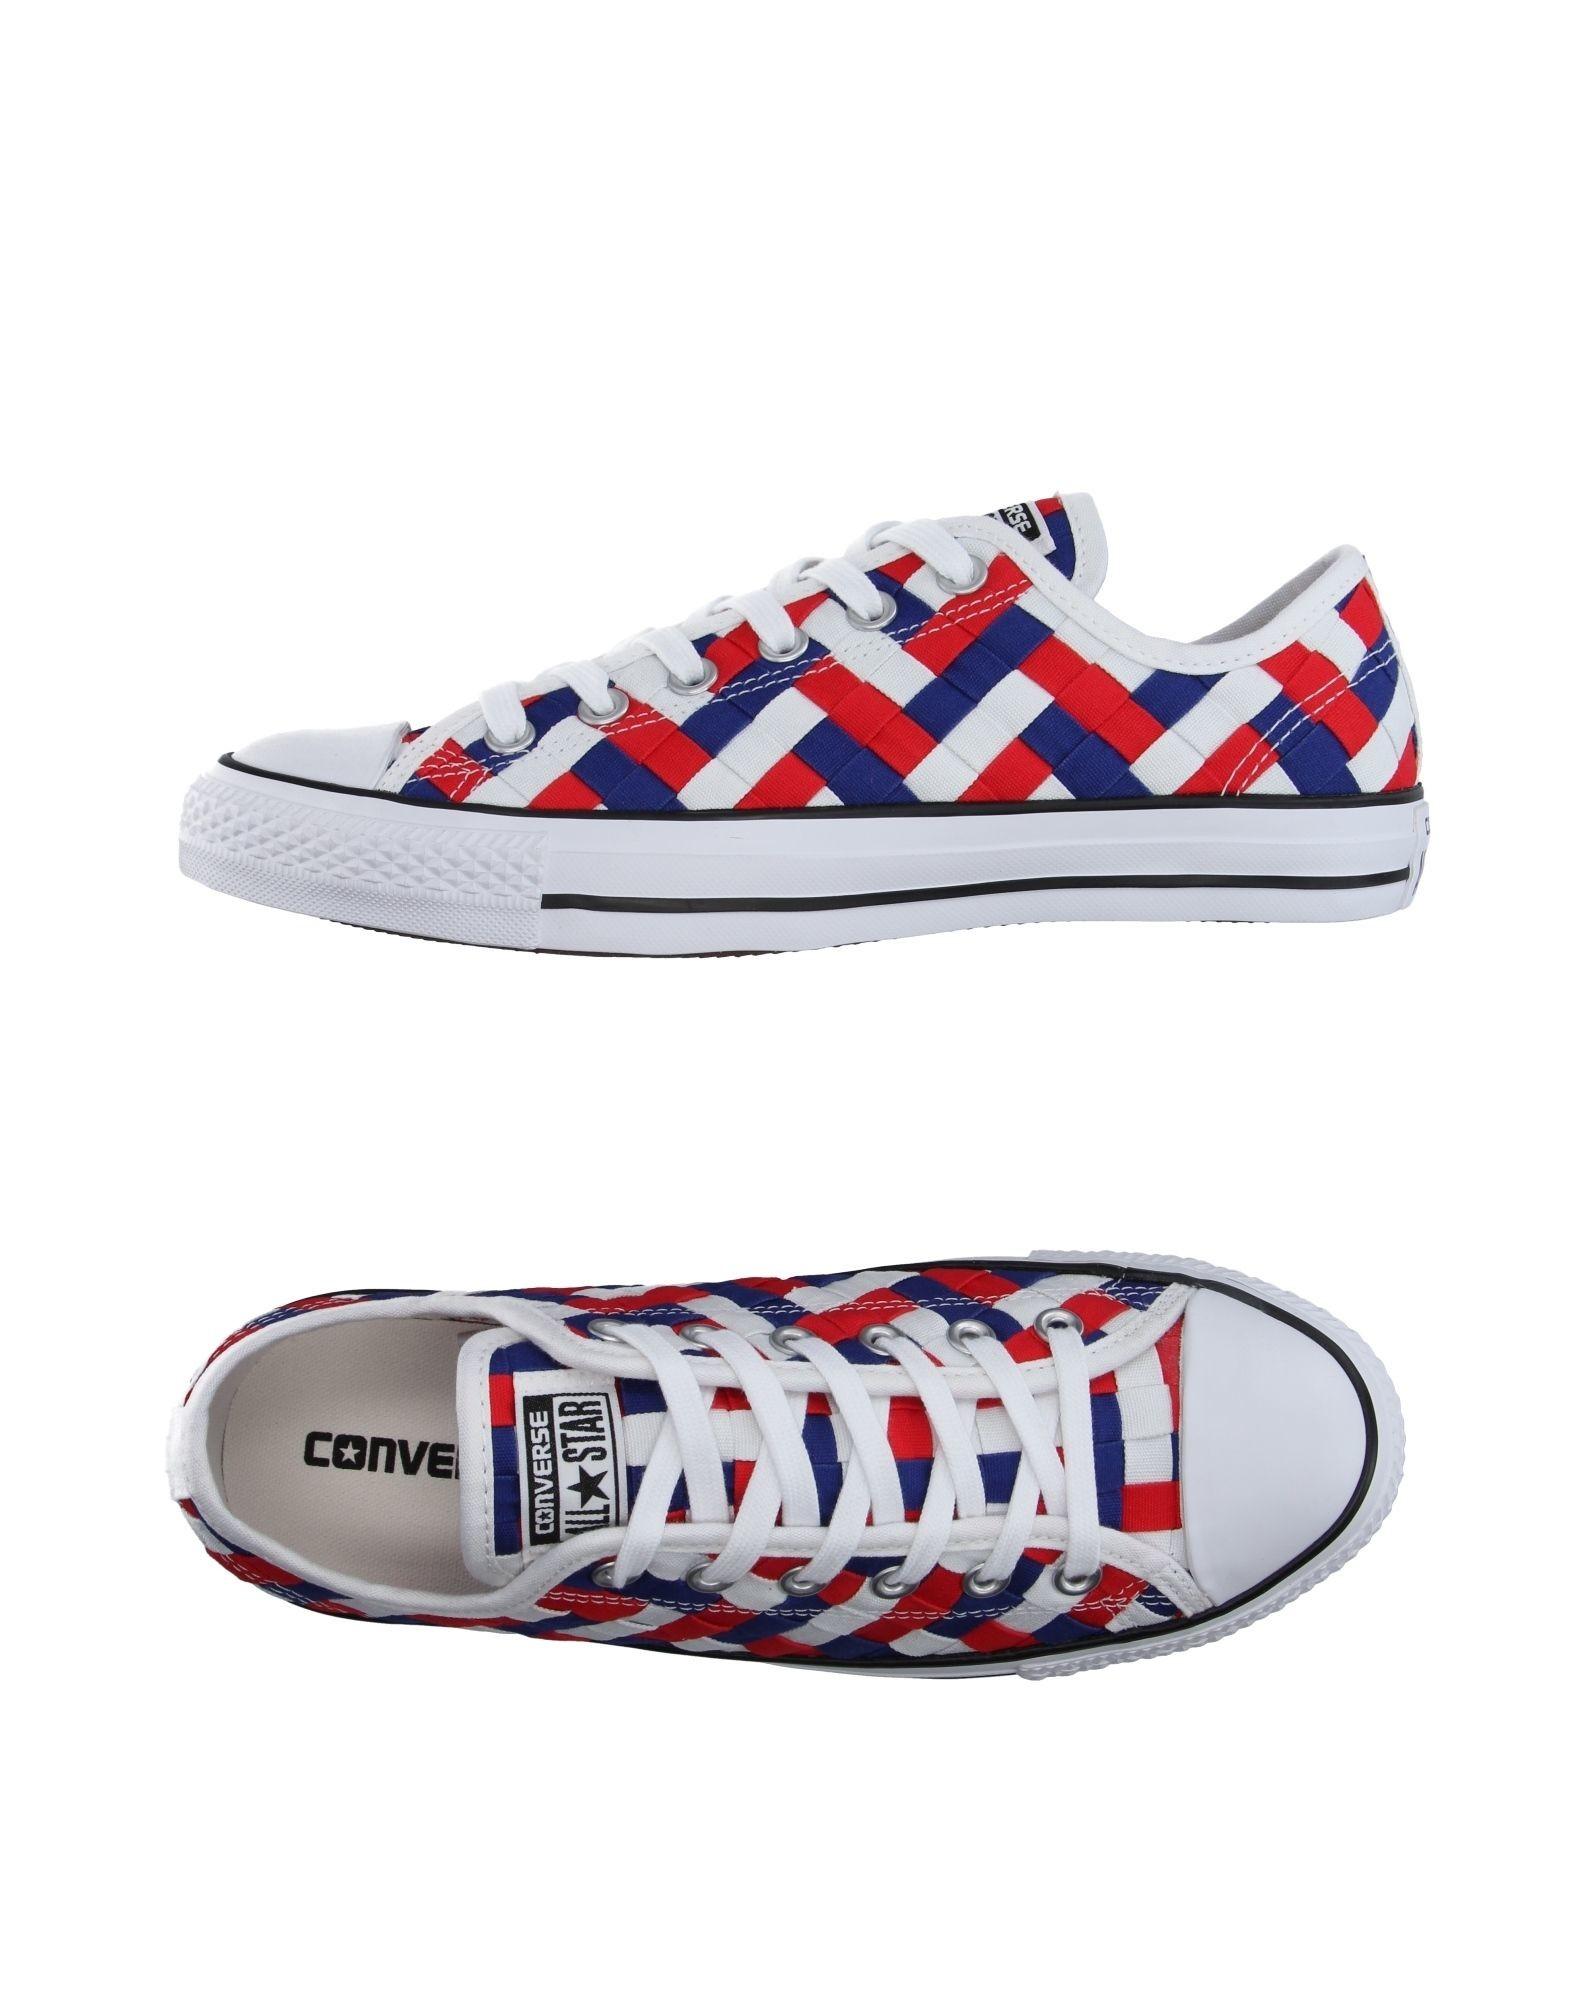 fefd09ee2536 1571x2000 CONVERSE ALL STAR Sneakers Blei Damen Schuhe